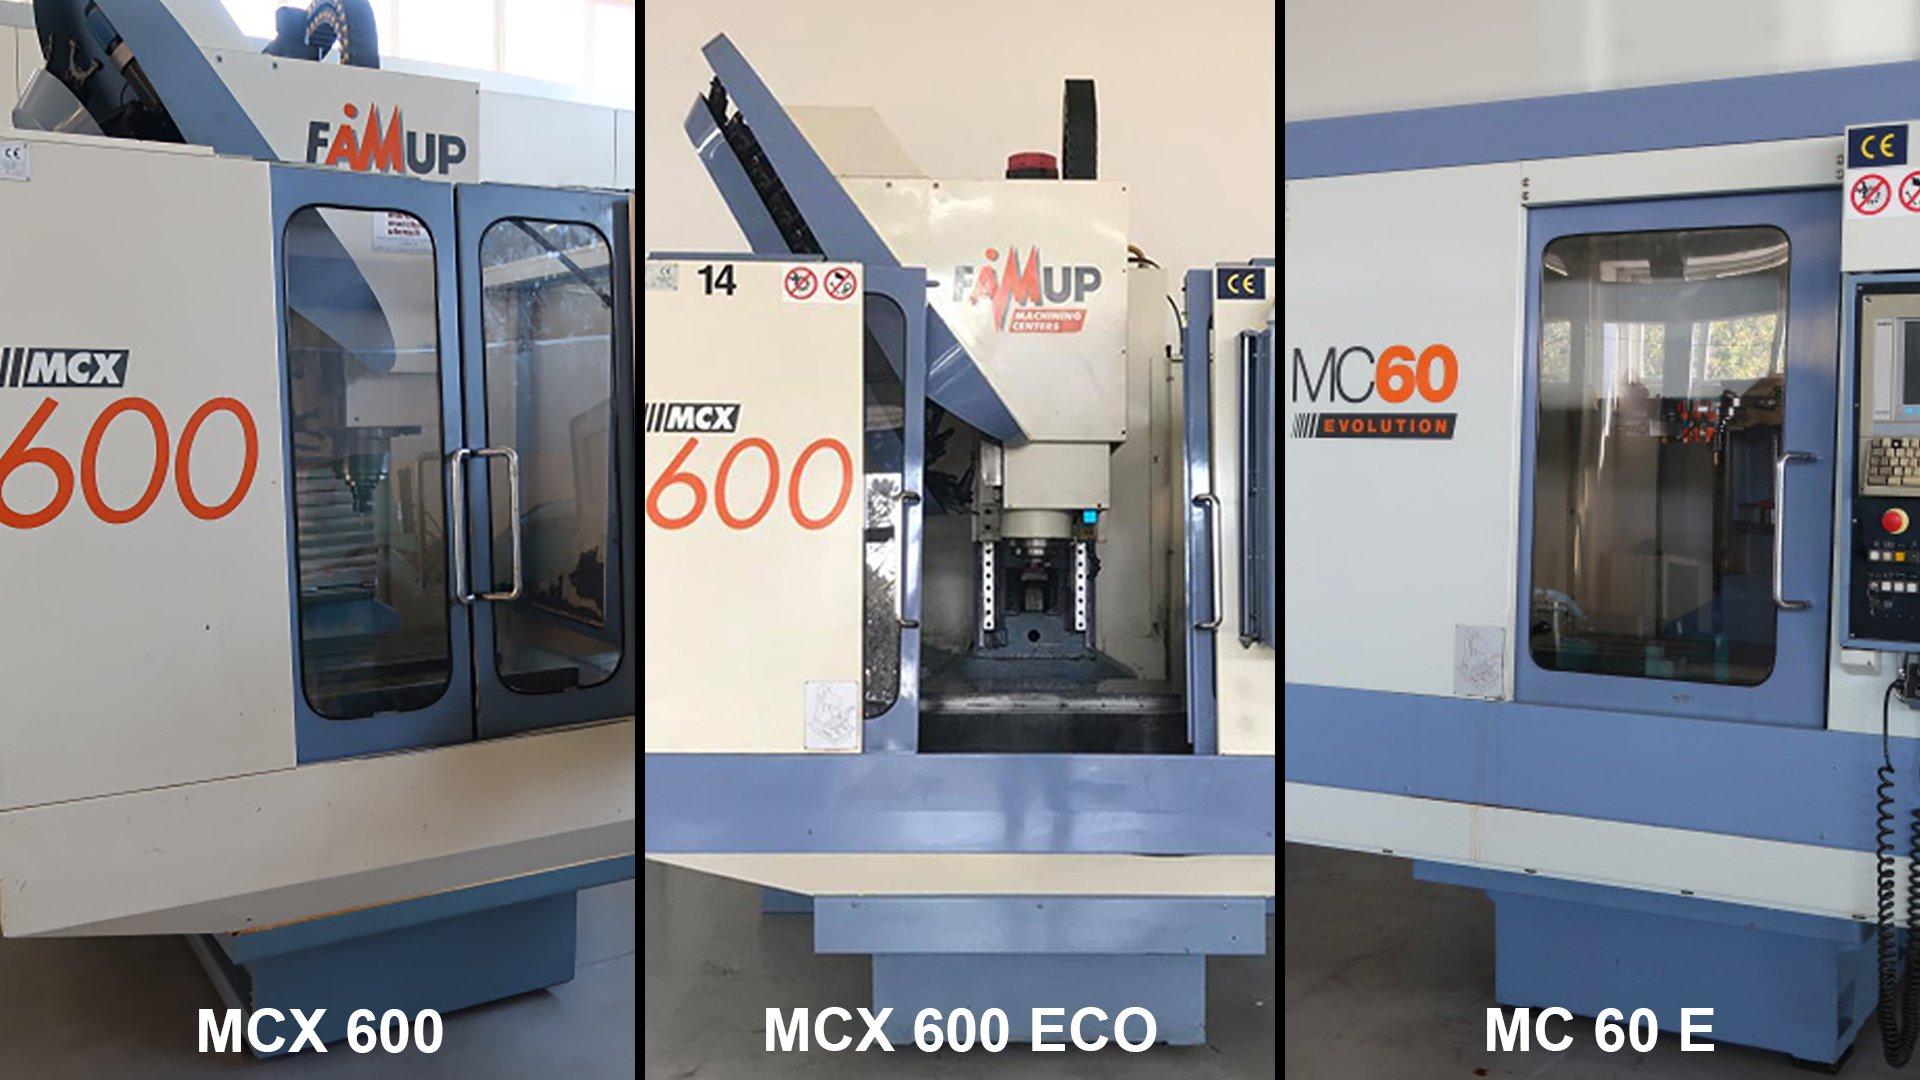 Centri di lavoro usati FAMUP disponibili